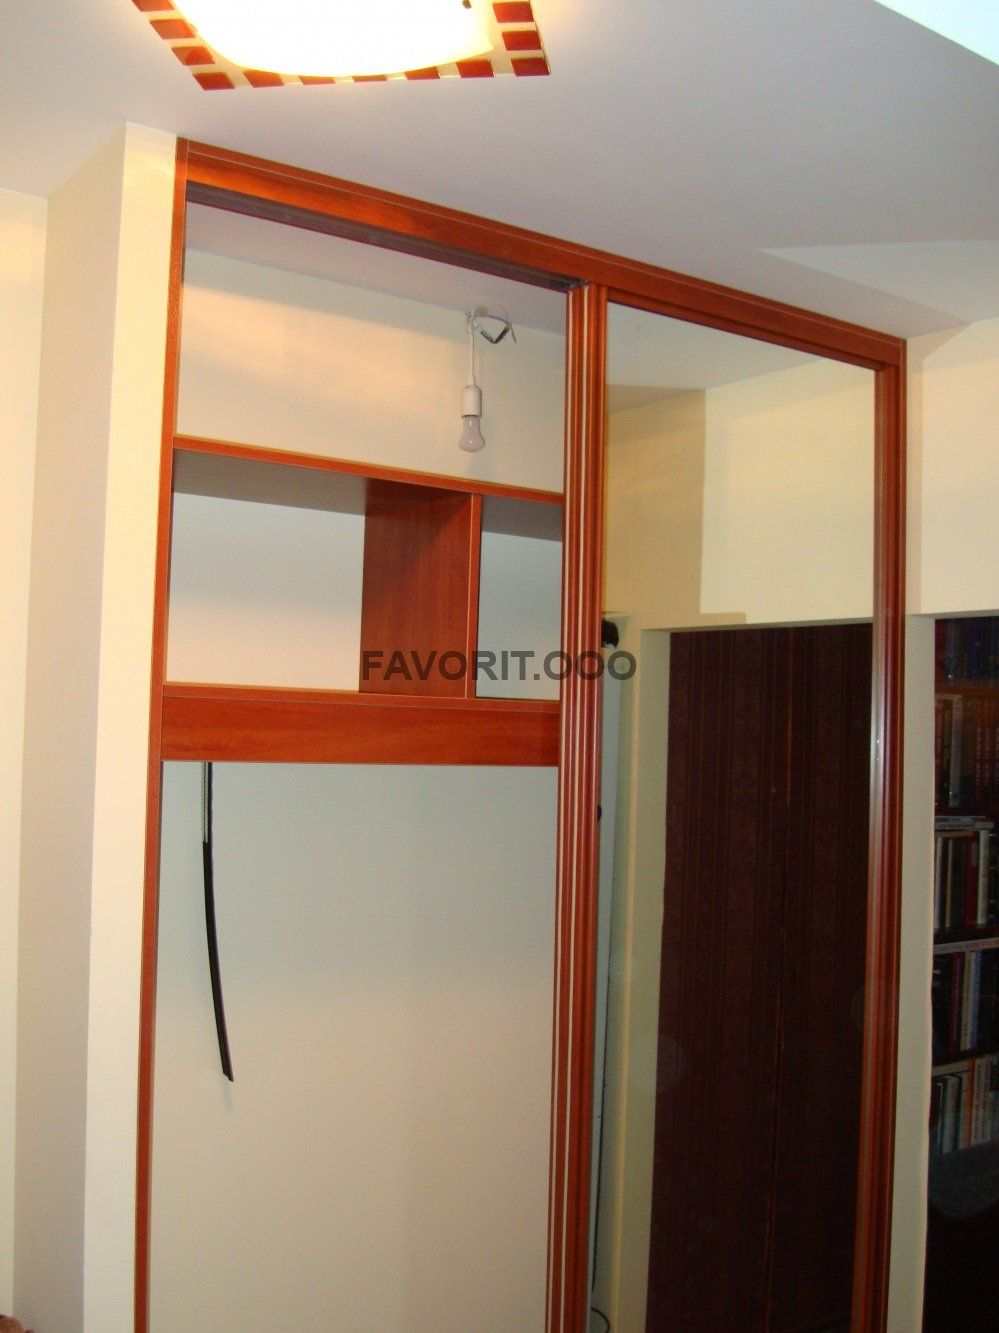 Шкаф купе встроенный в нишу с зеркальными фасадами.